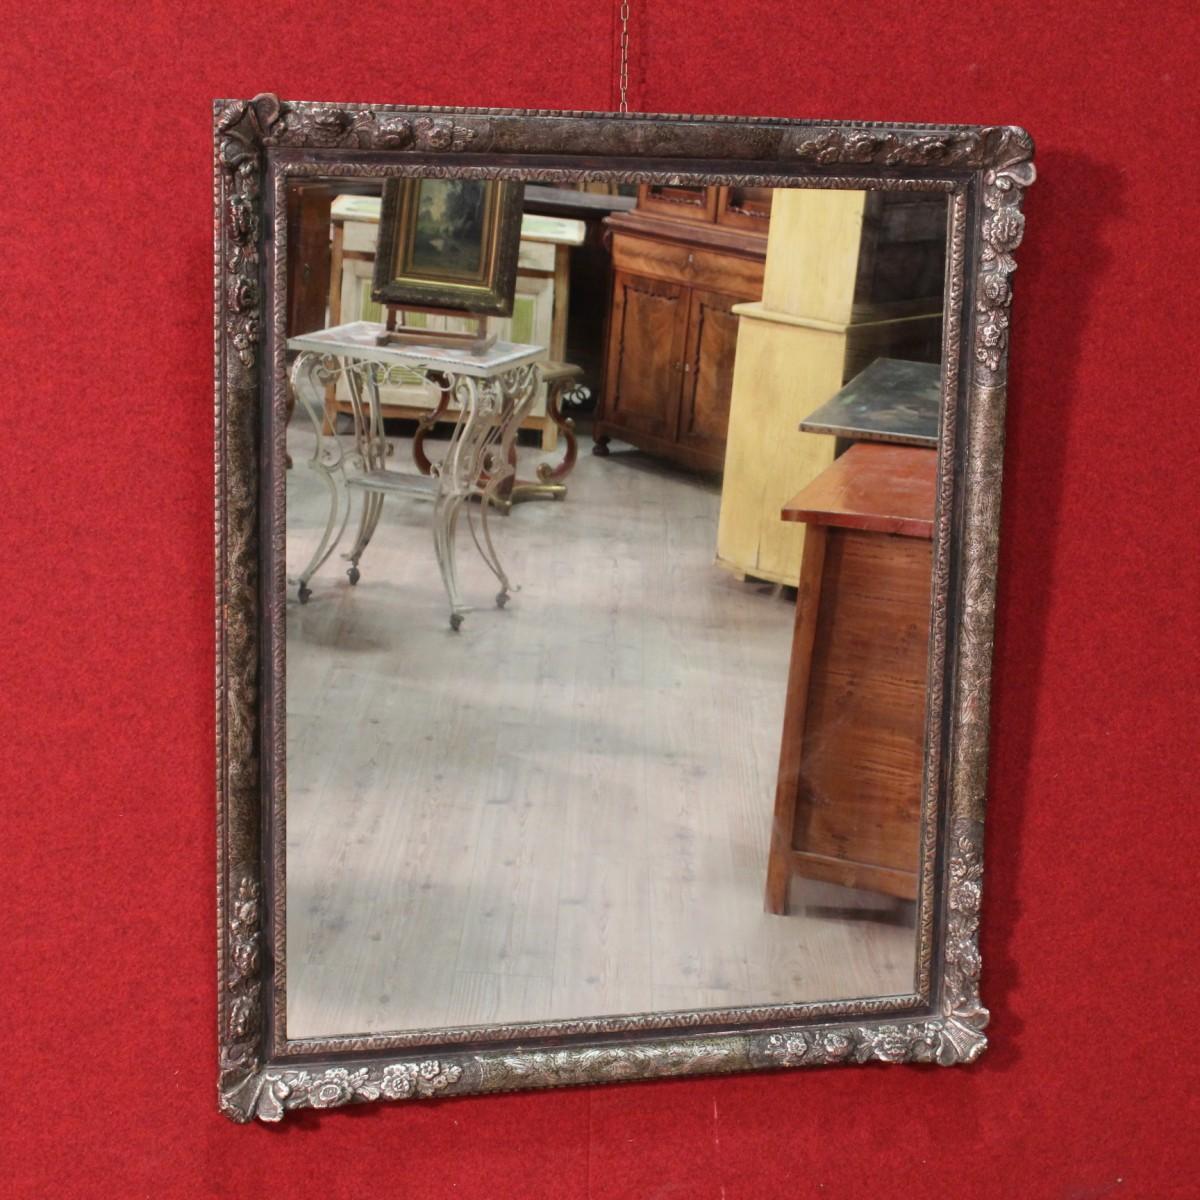 Specchiera francese in legno e gesso argentato del xx secolo - Specchio in francese ...